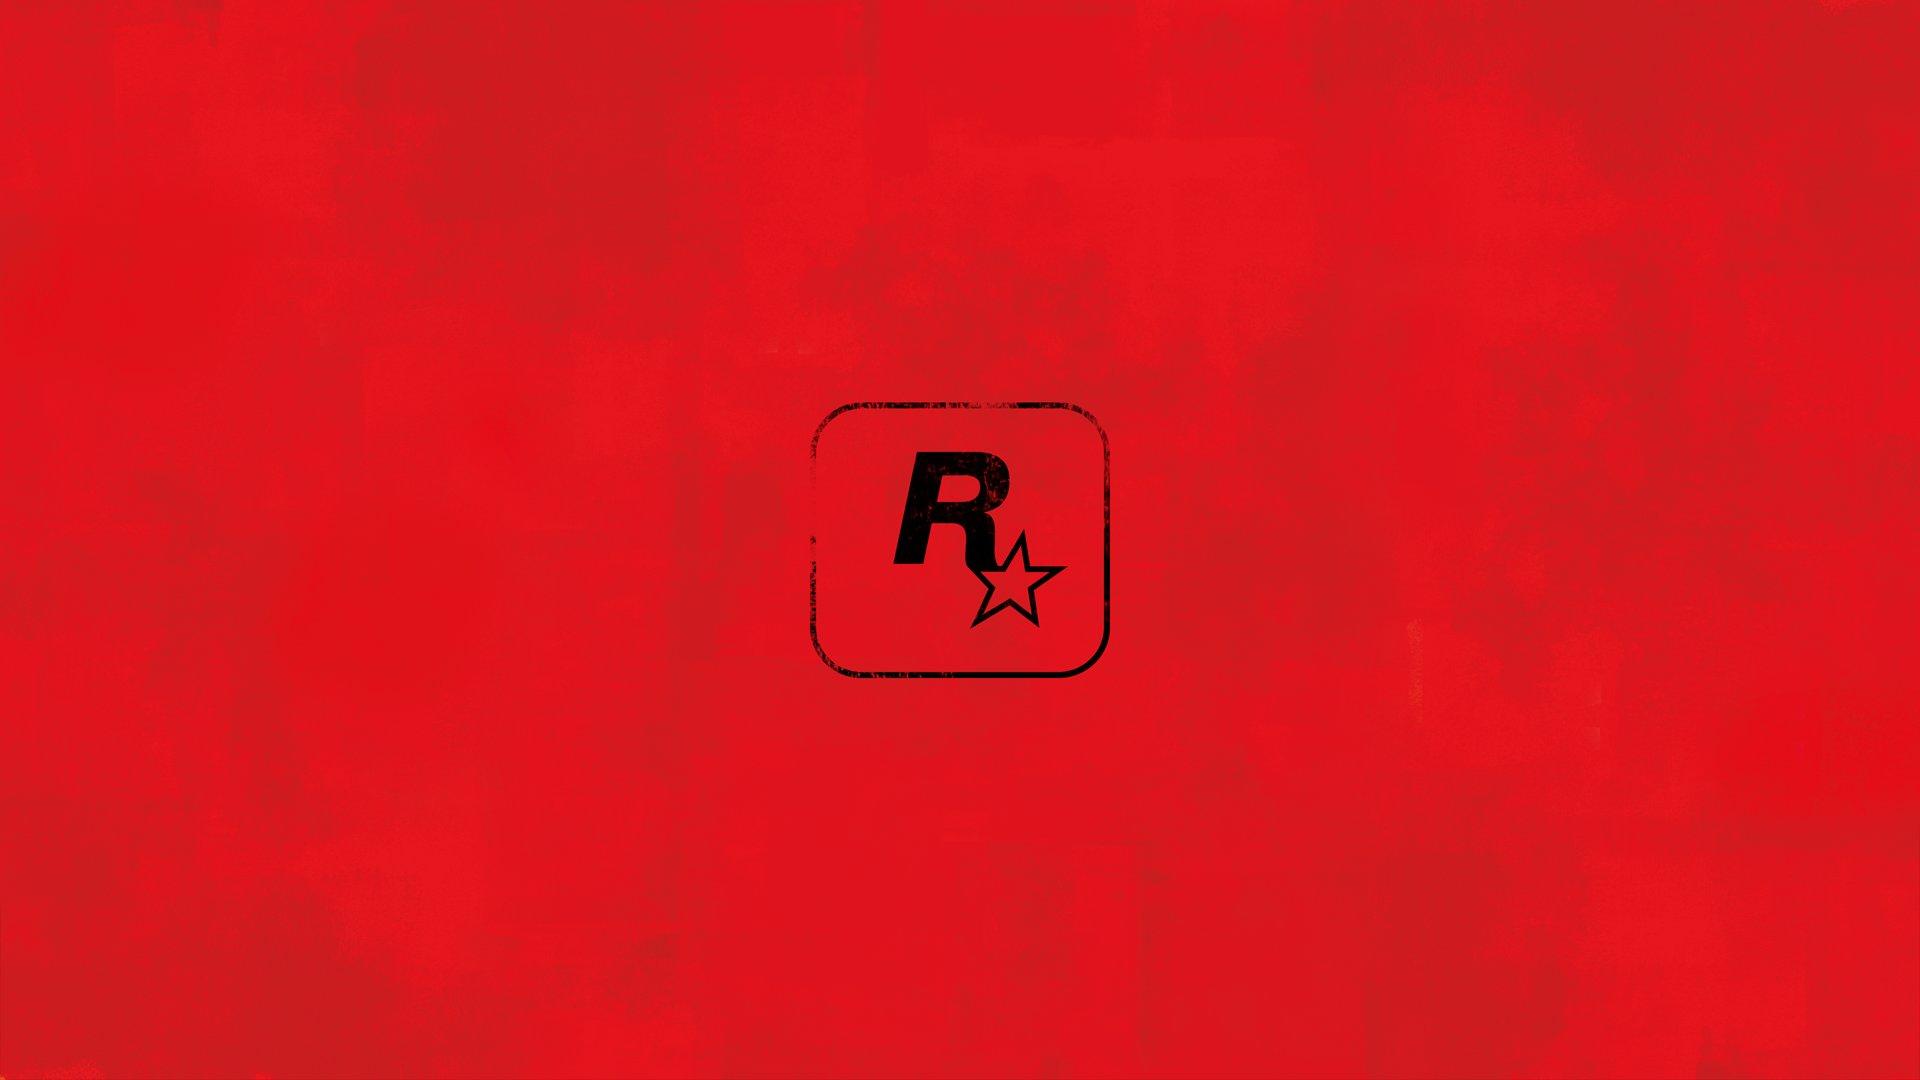 Ipad Retina Hd Wallpaper Rockstar Games: Rockstar Games On Twitter: